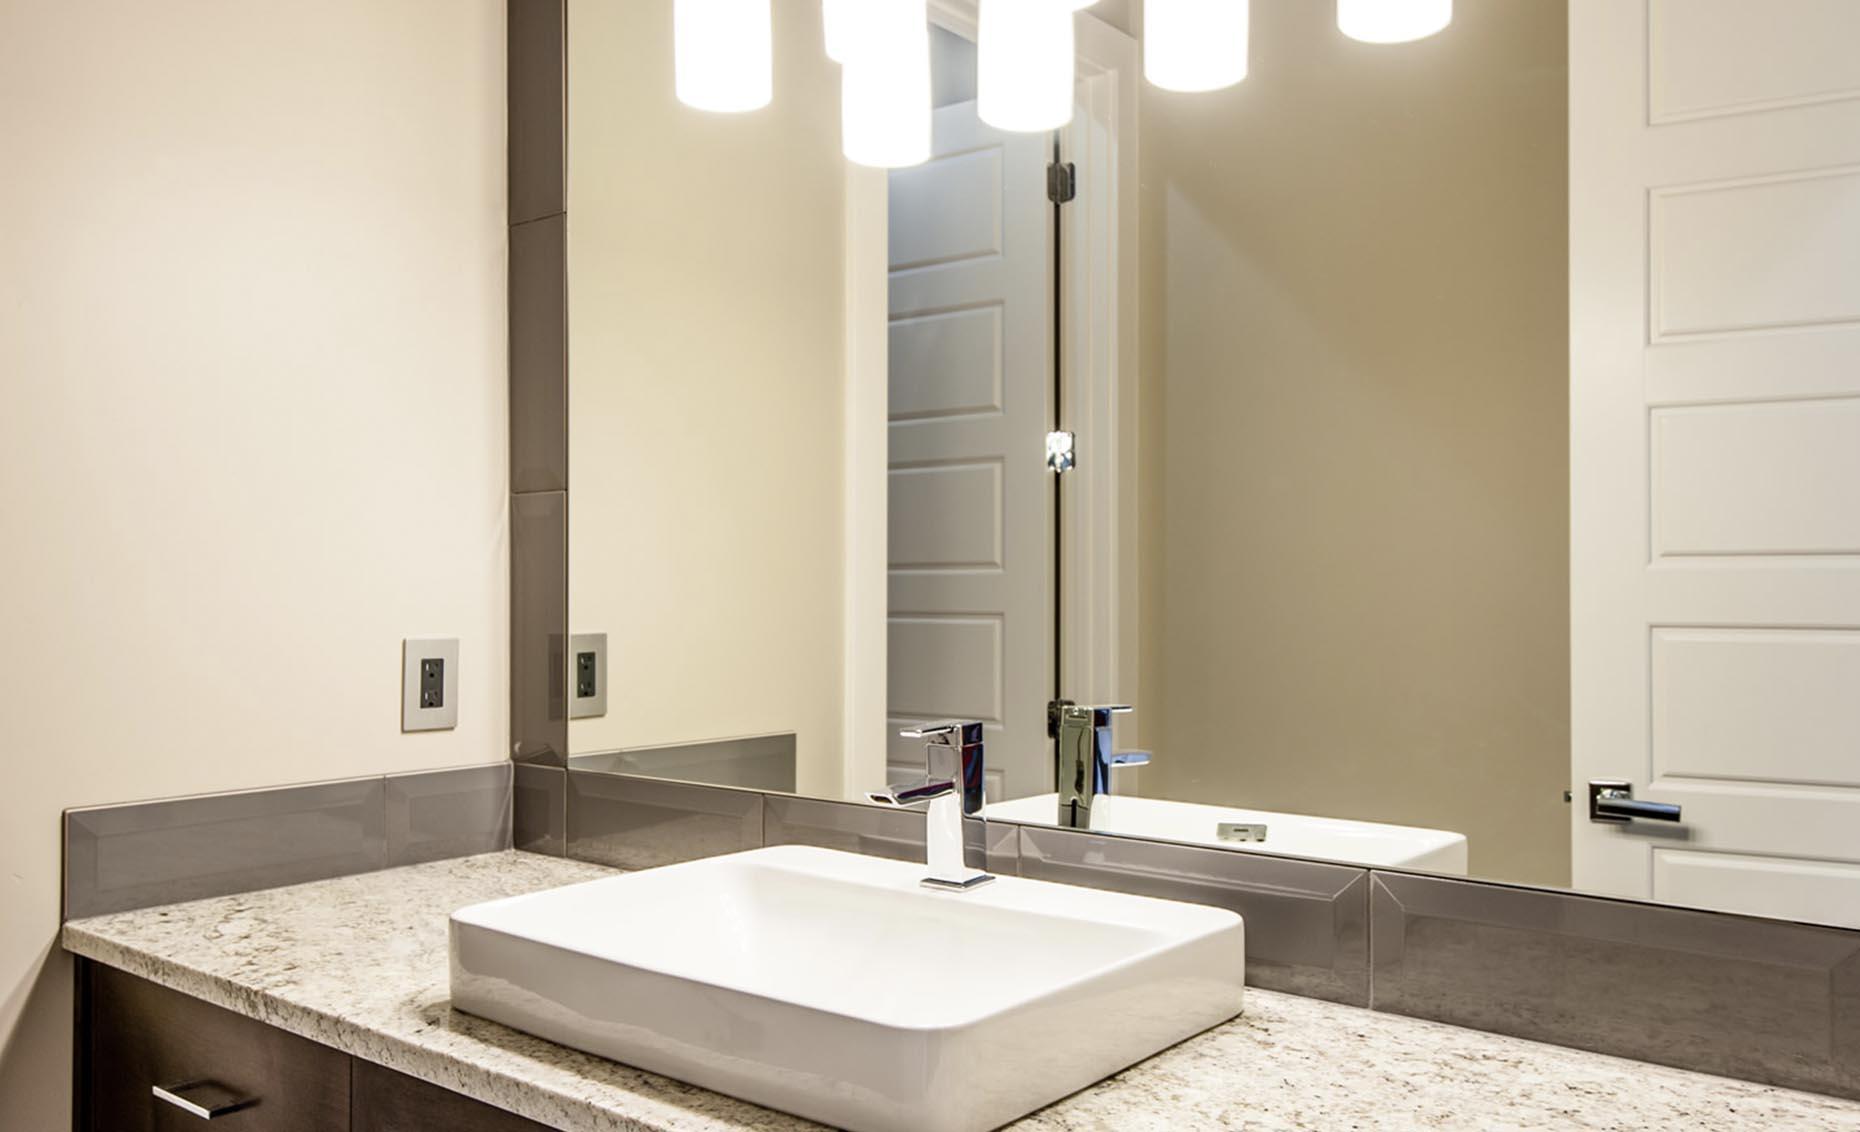 The Corrente Bello House Bathroom